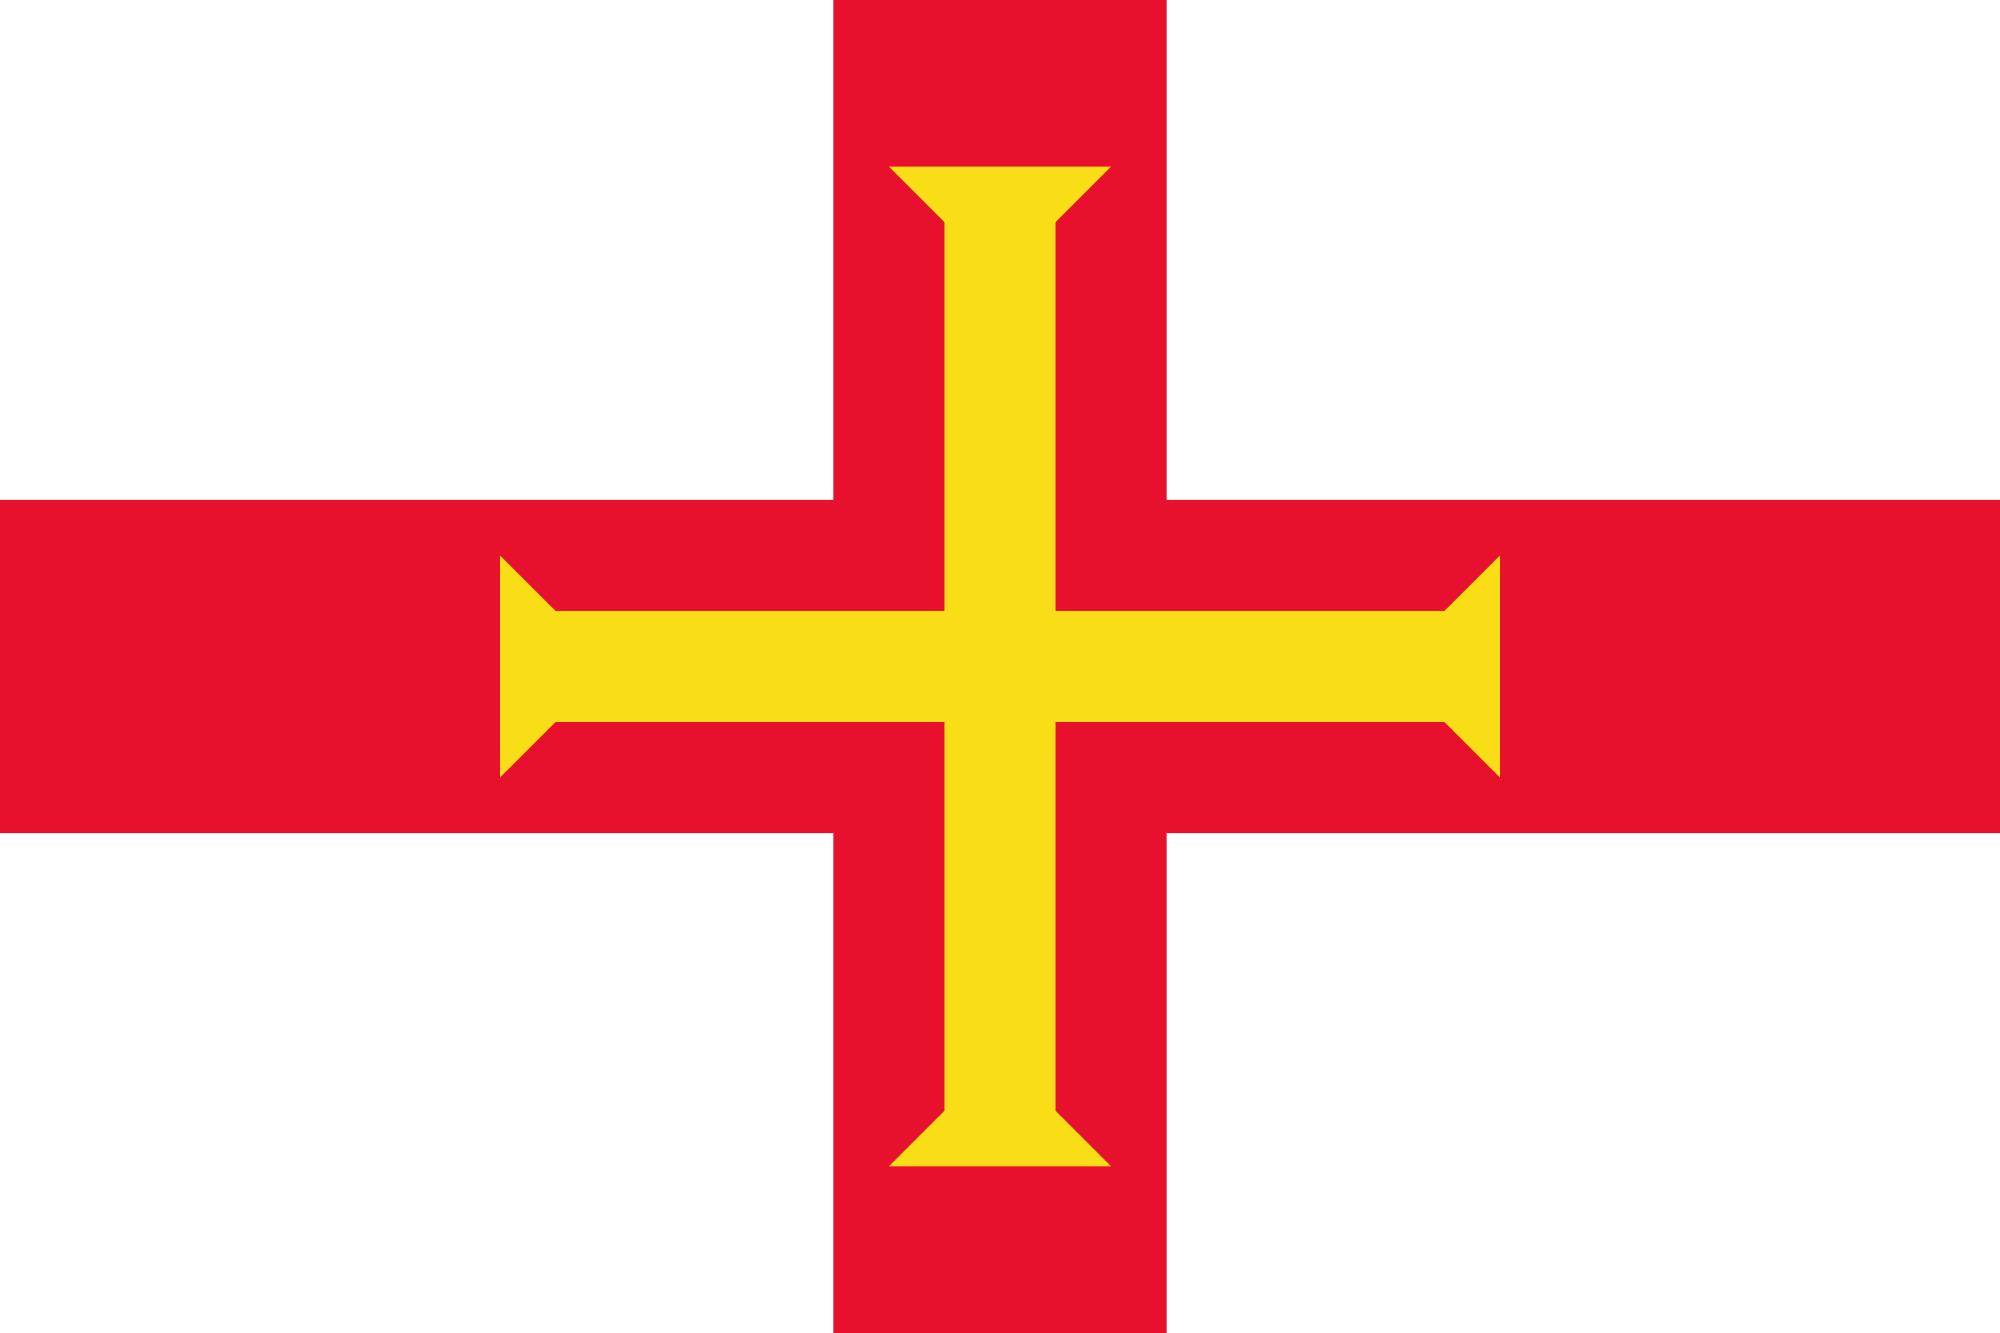 guernsey, χώρα, έμβλημα, λογότυπο, σύμβολο - Wallpapers HD - Professor-falken.com